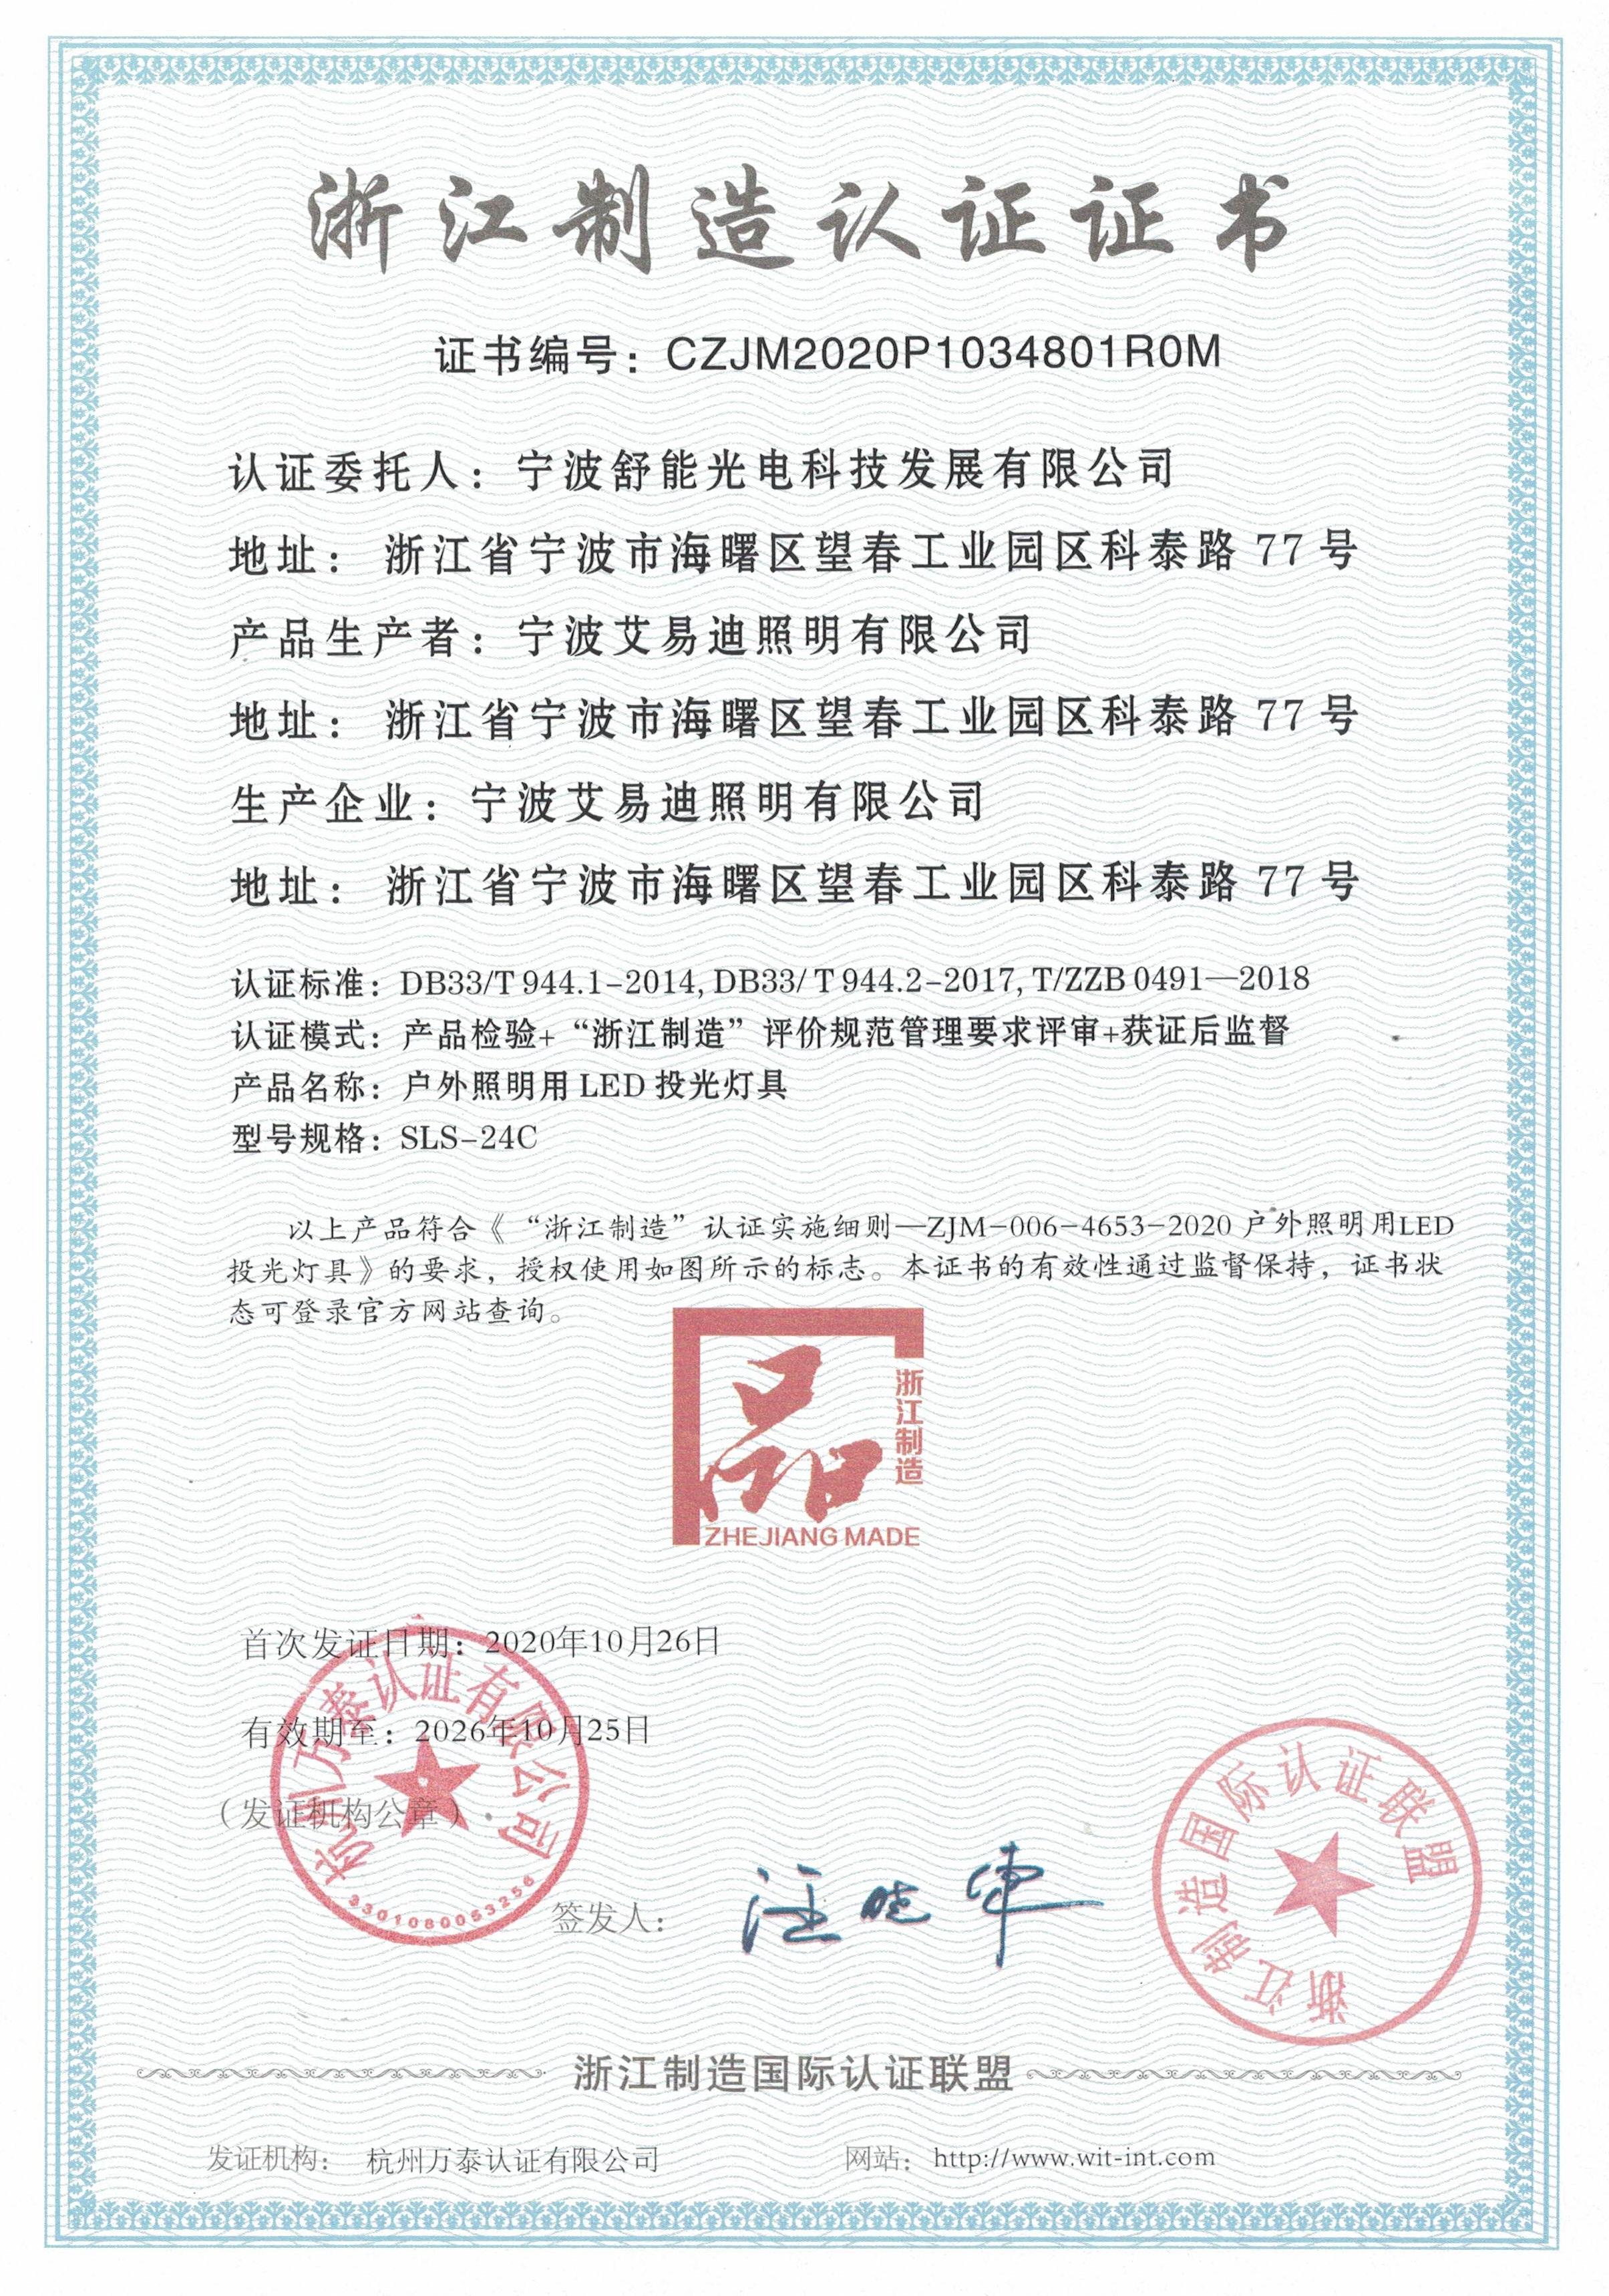 舒能2020年度 浙江制造认证证书